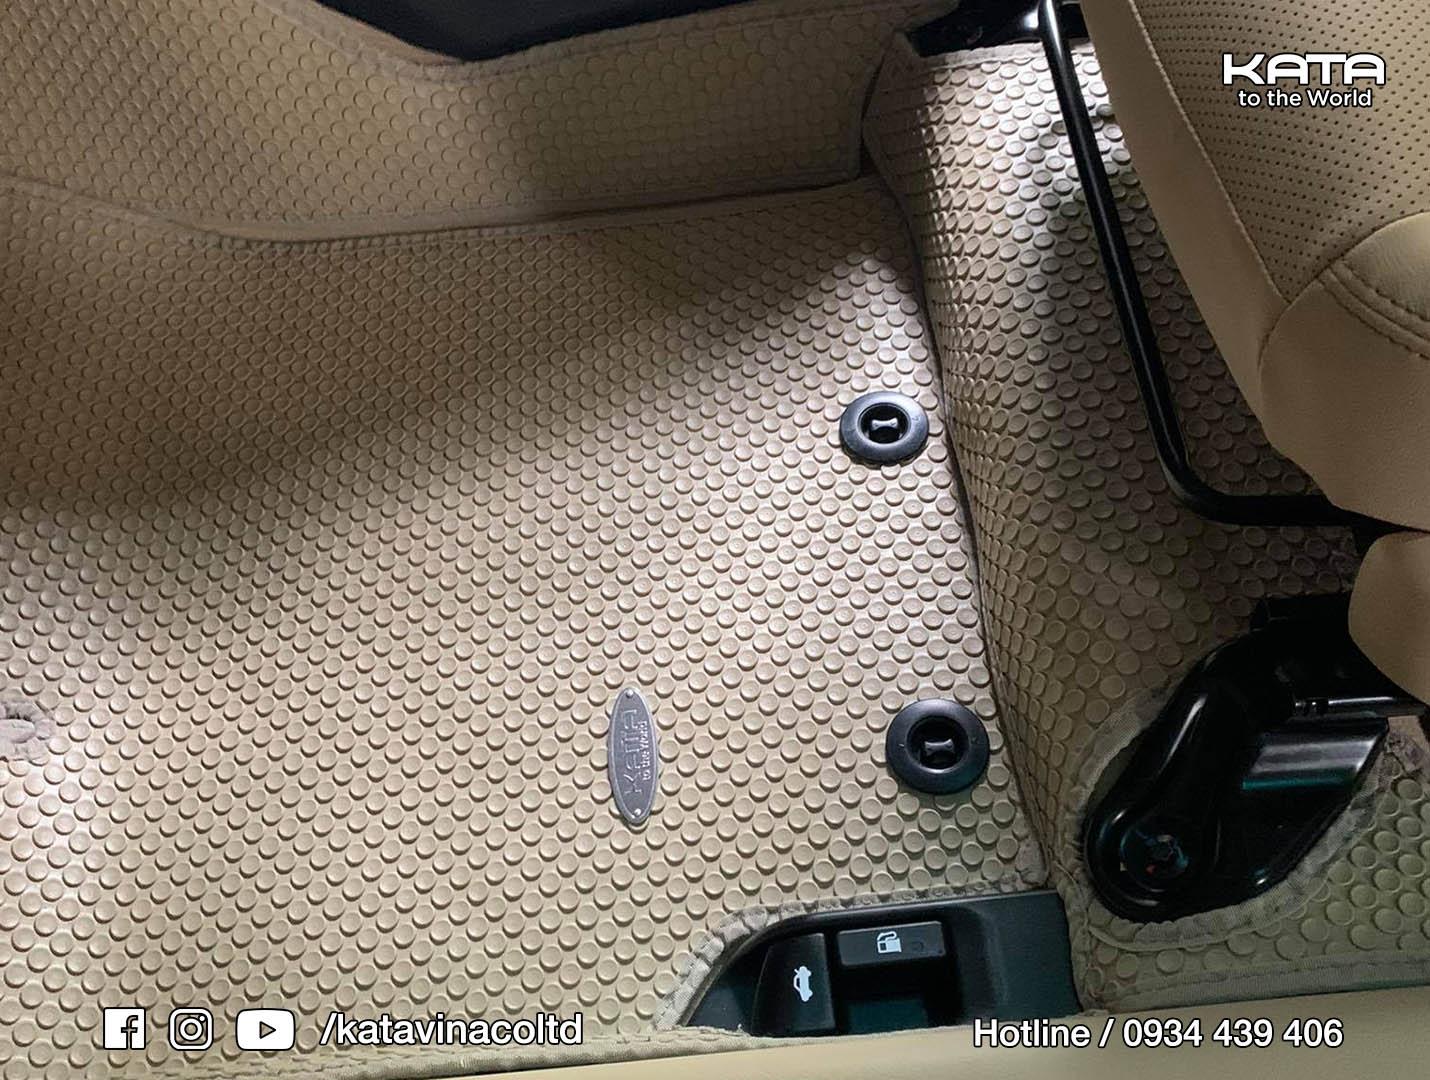 Thảm lót sàn Toyota Vios KATA